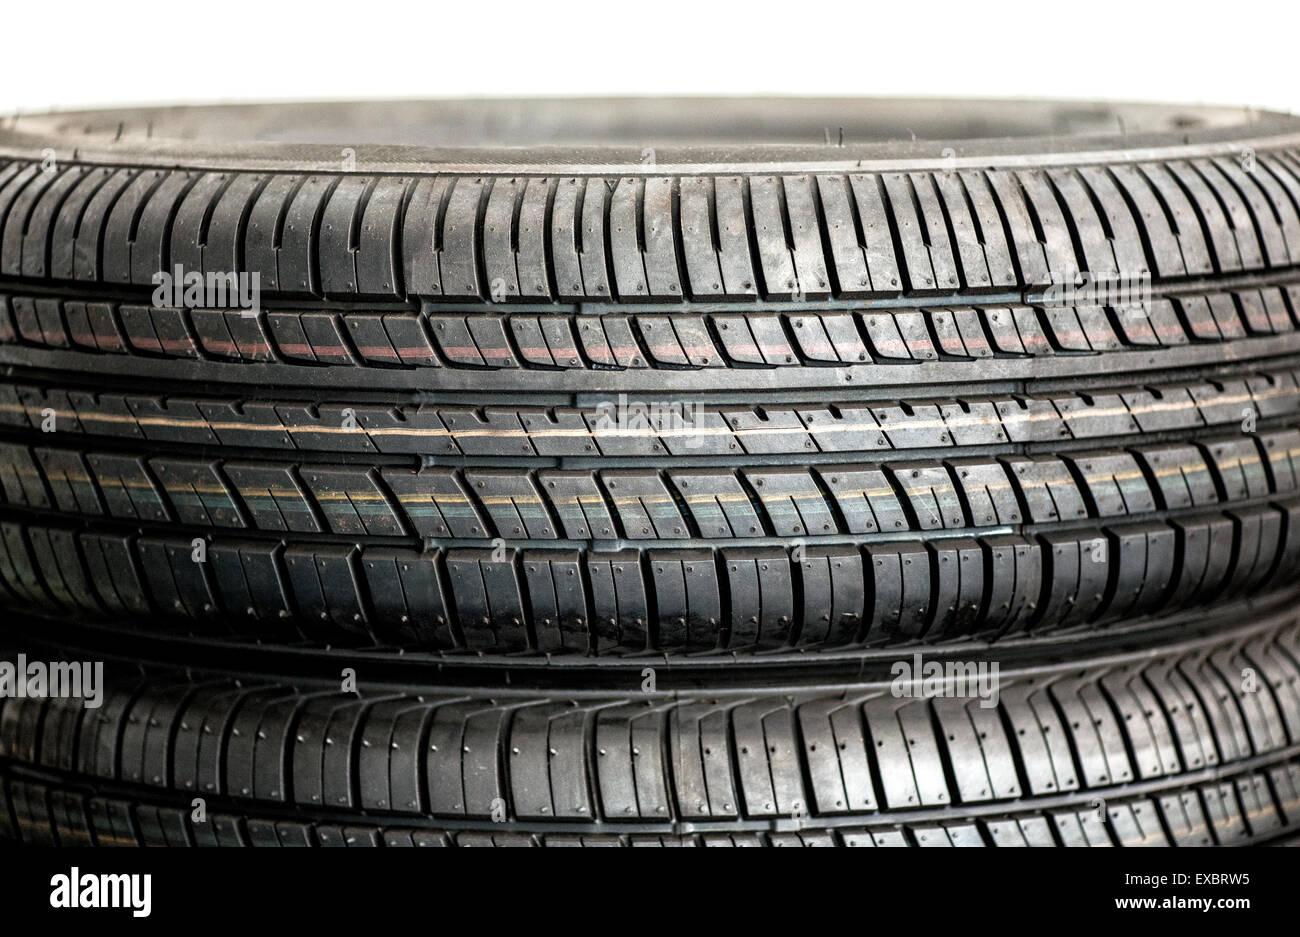 Close up dettaglio del battistrada di una coppia di nuovi pneumatici invernali per una maggiore trazione e grip Immagini Stock